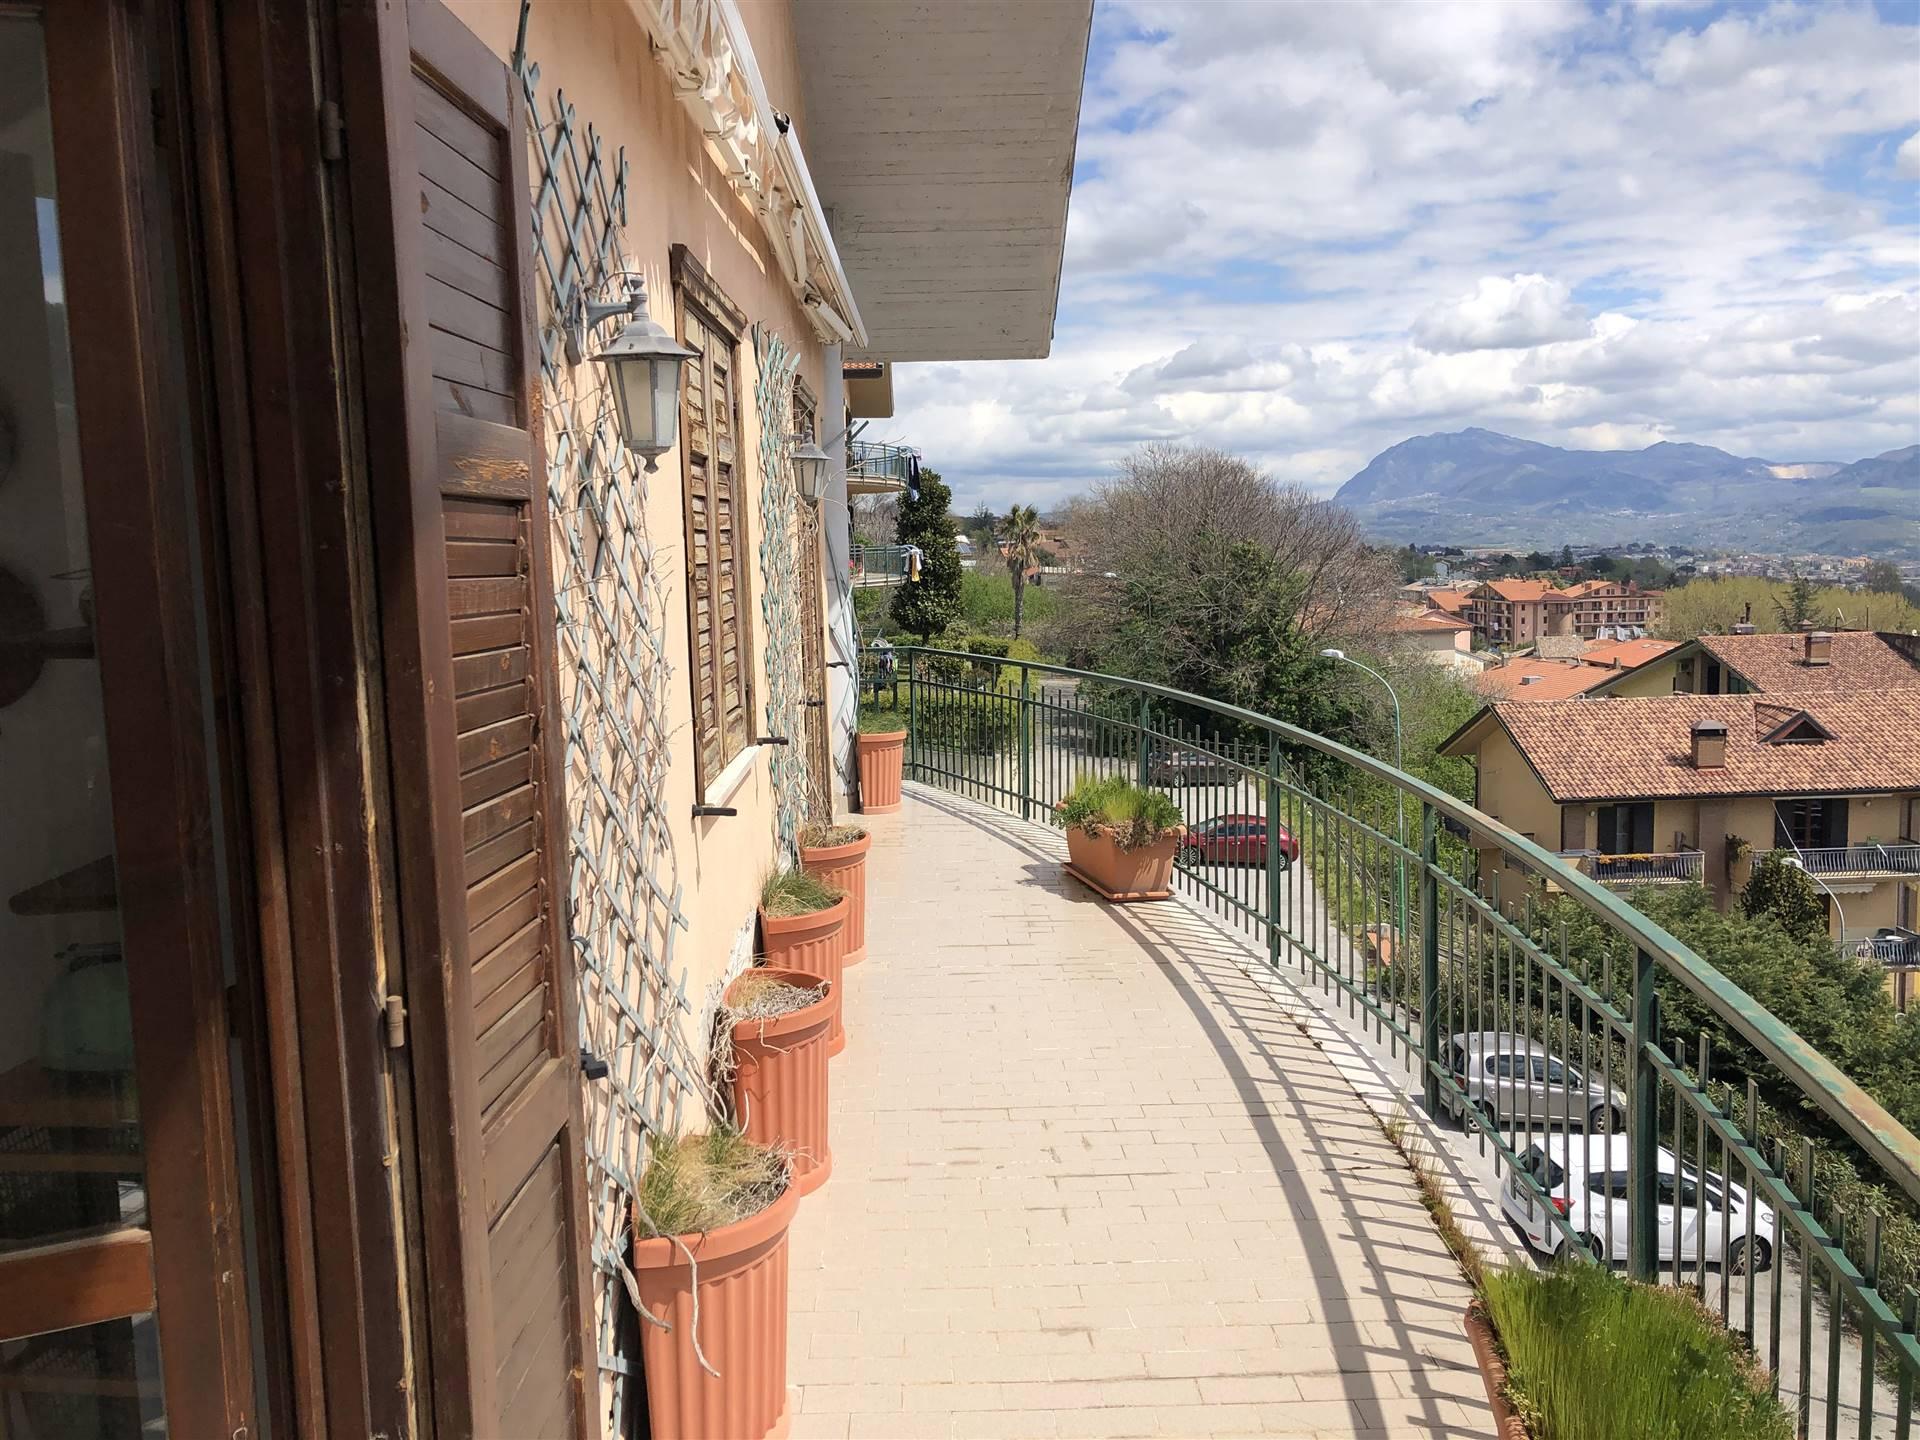 Appartamento in vendita a Mercogliano, 3 locali, prezzo € 100.000 | CambioCasa.it